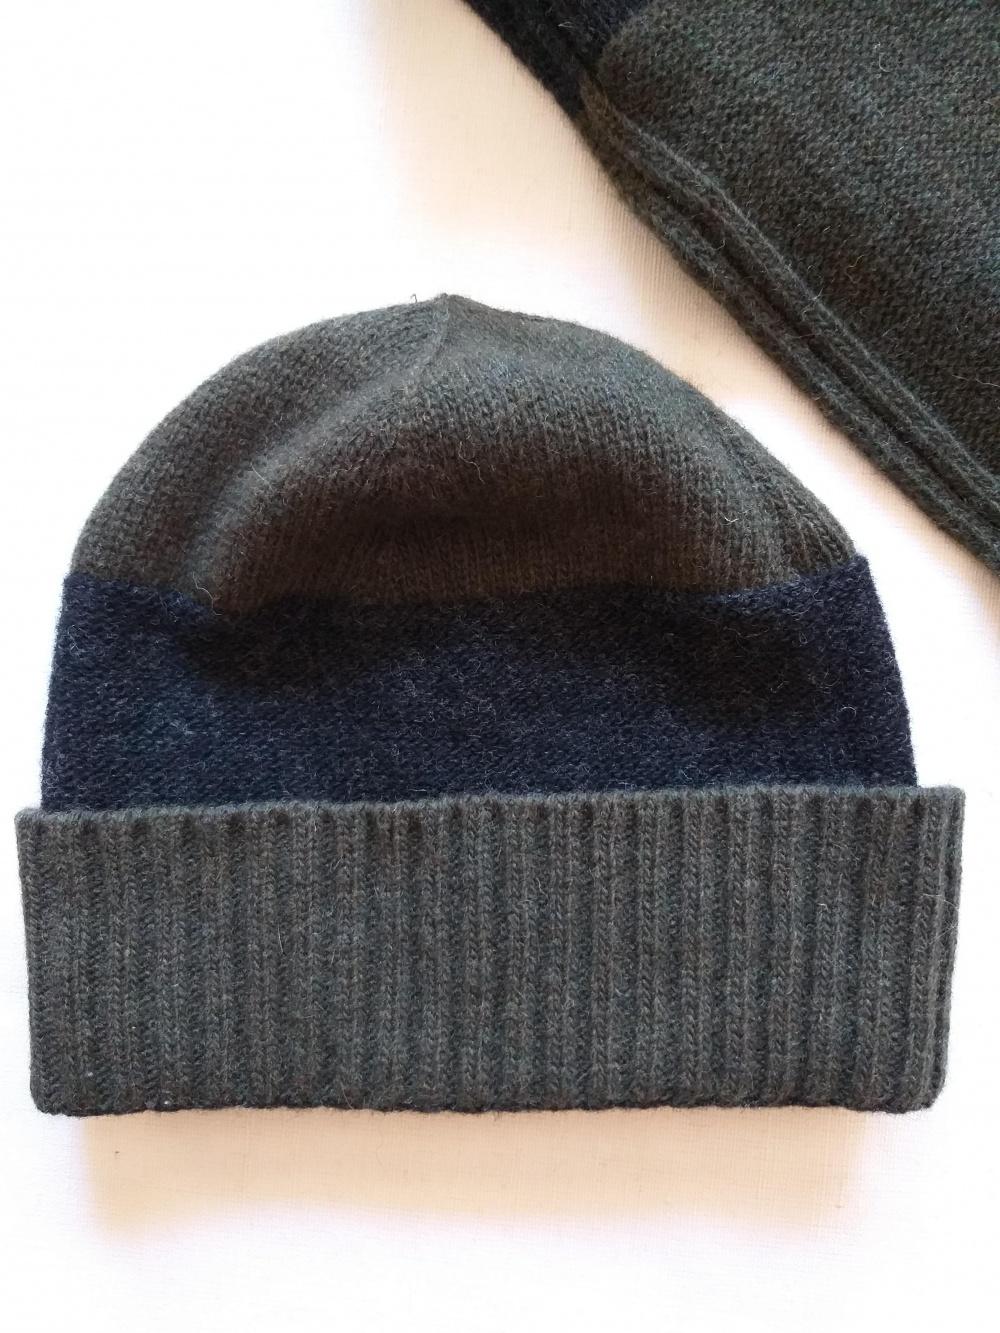 Комплект шапка и шарф RP Italy, размер 54-58, 180/25